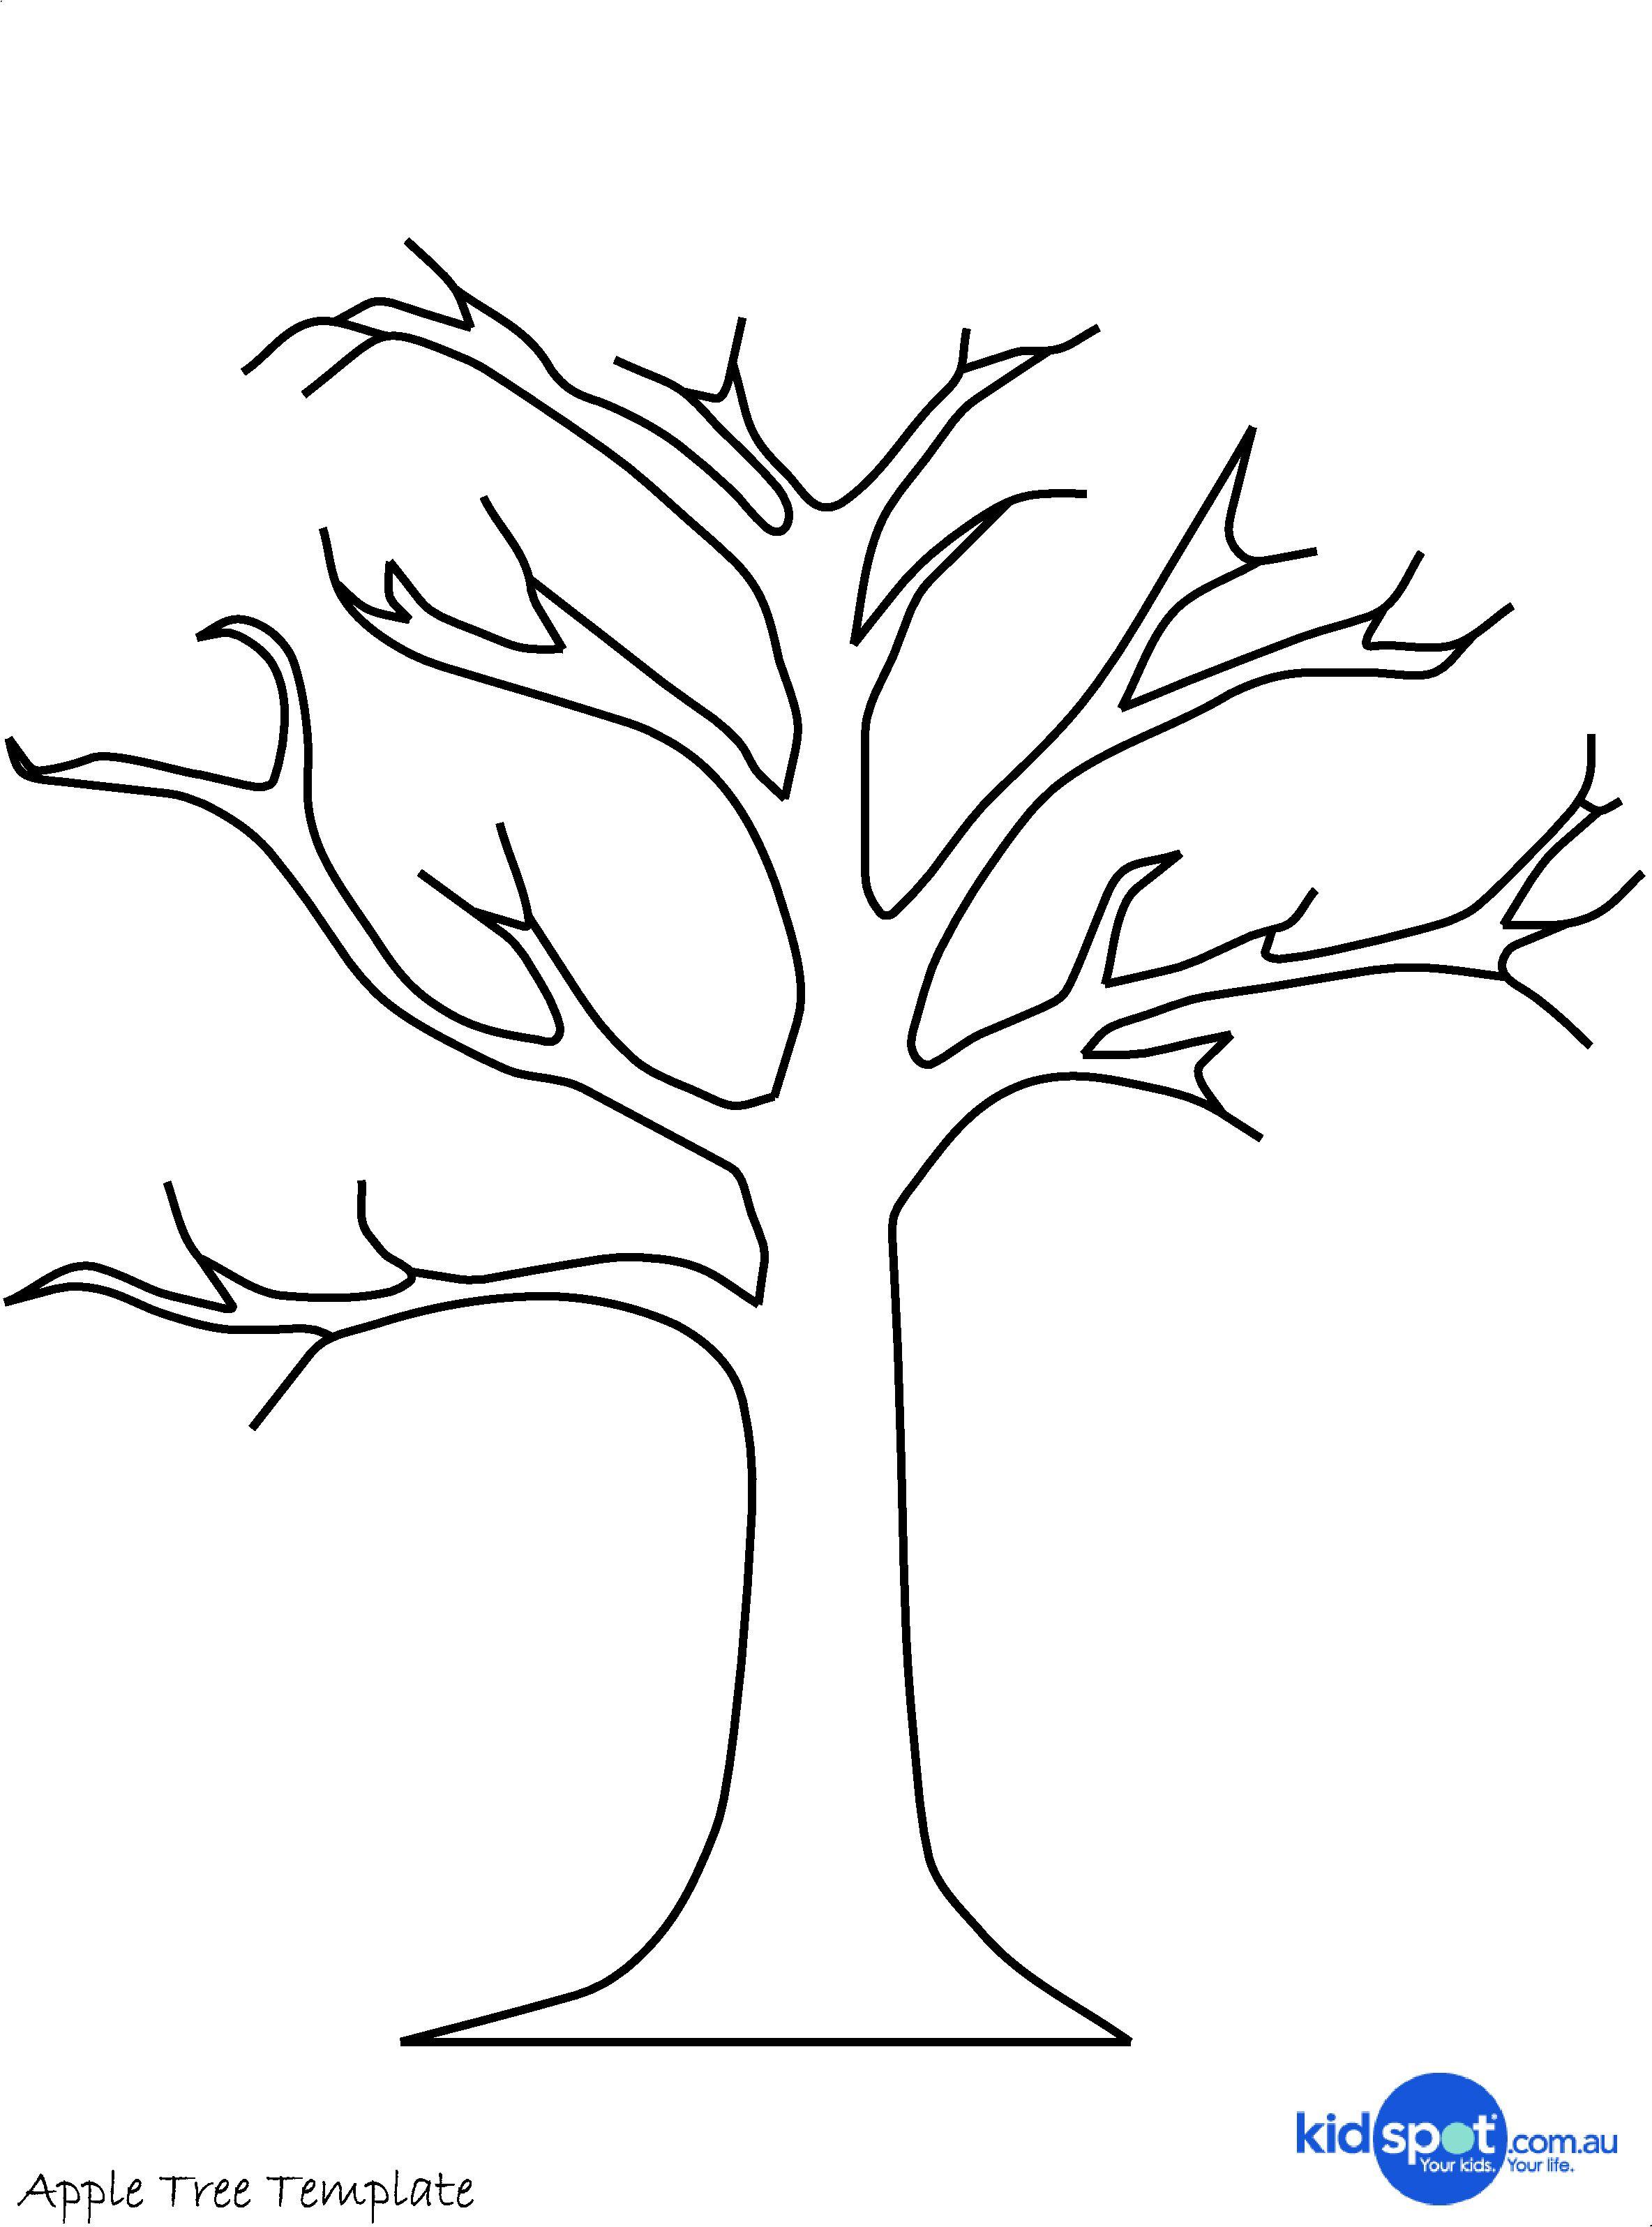 Tree Craft: Cork Stamp Apple Tree | Clip Art | Tree Templates, Tree - Free Printable Tree Template